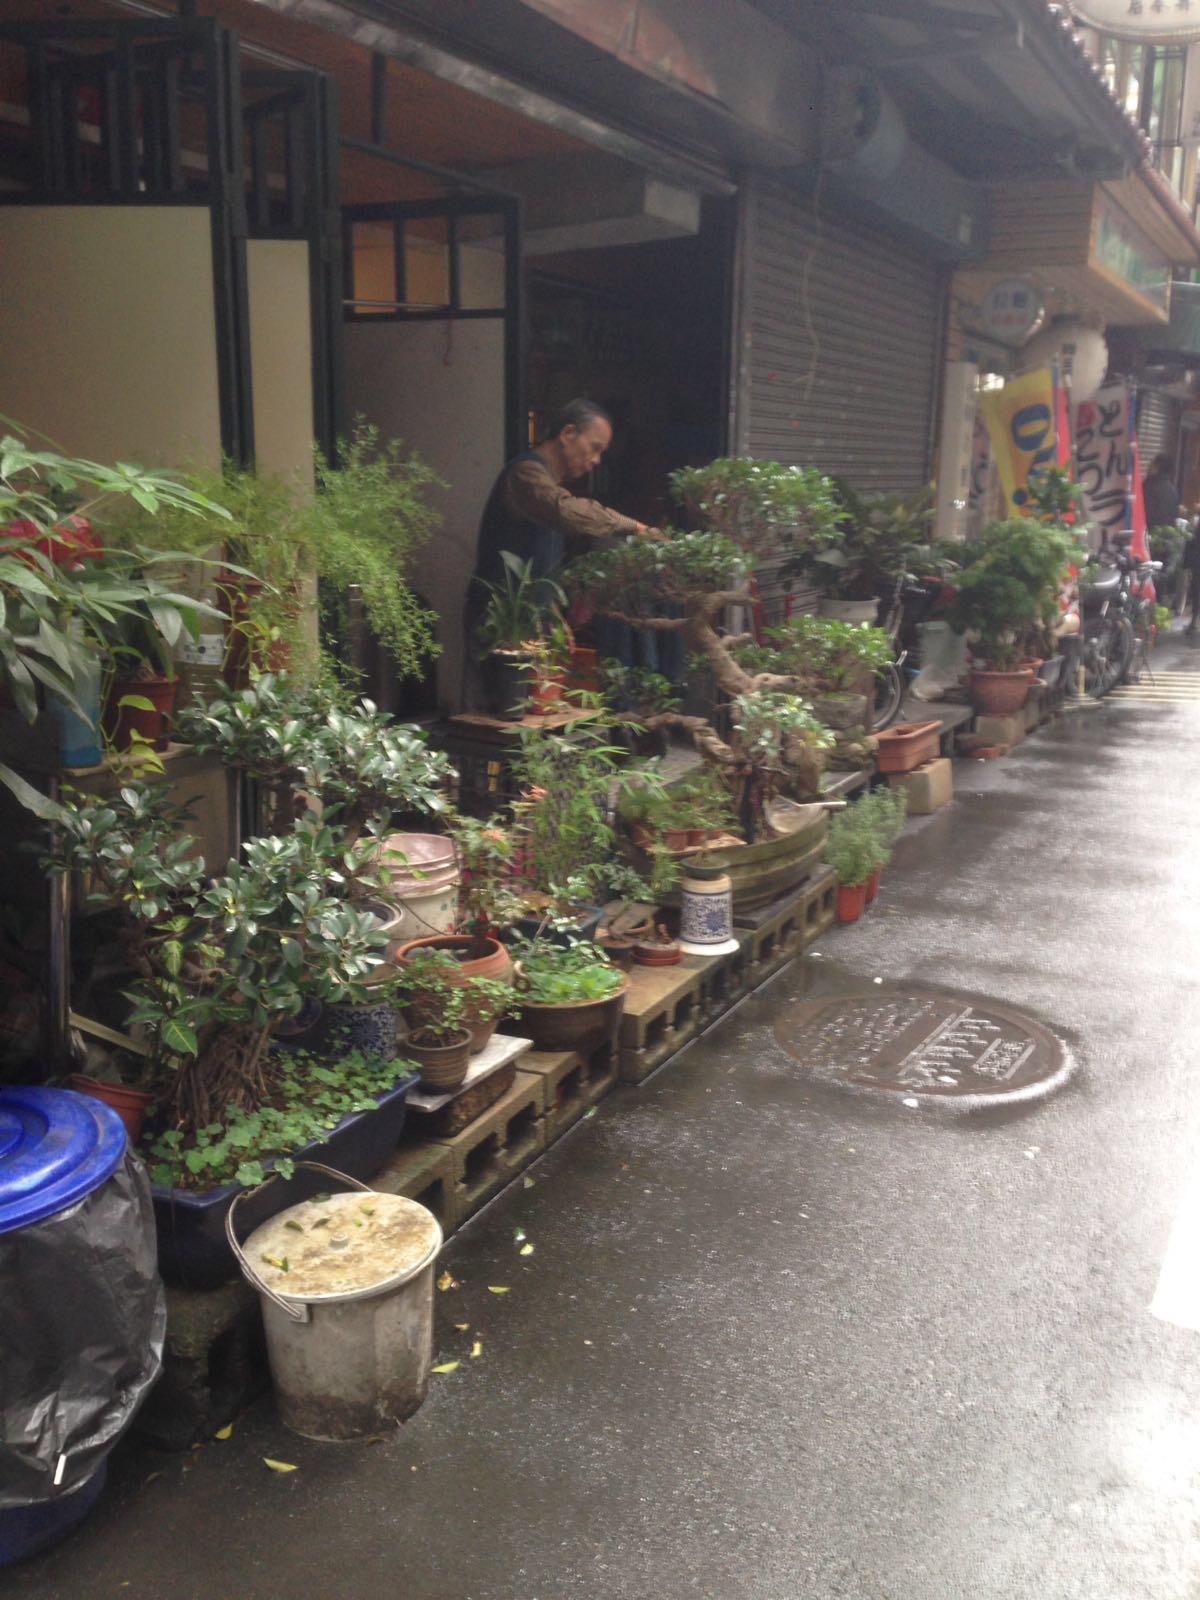 Un marchand dans les rues de Taipei